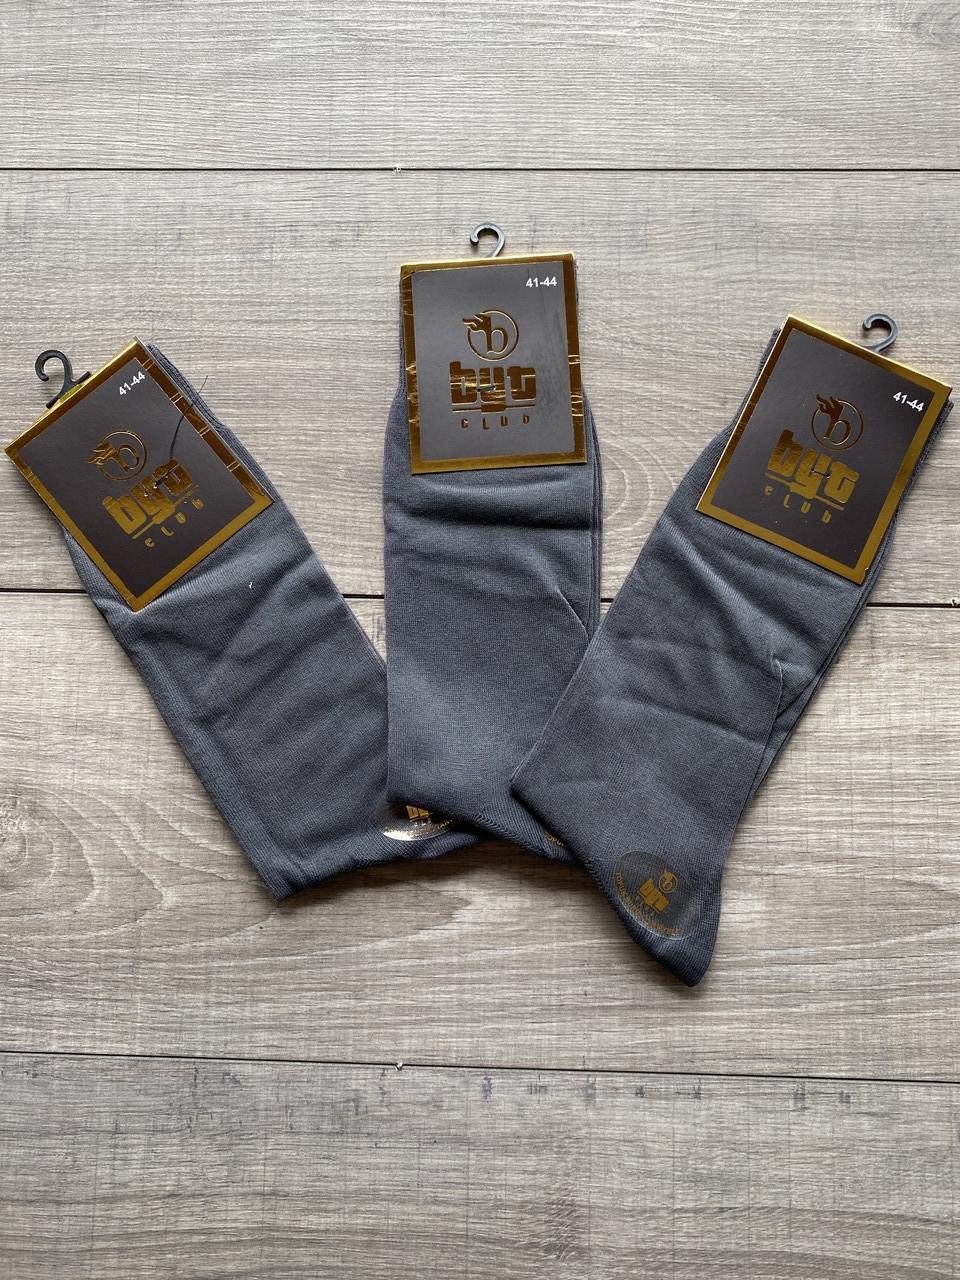 Чоловічі носки шкарпетки Byt club бамбук високі 200 голок без шовні однотонні 40-45 12 шт в уп сірі